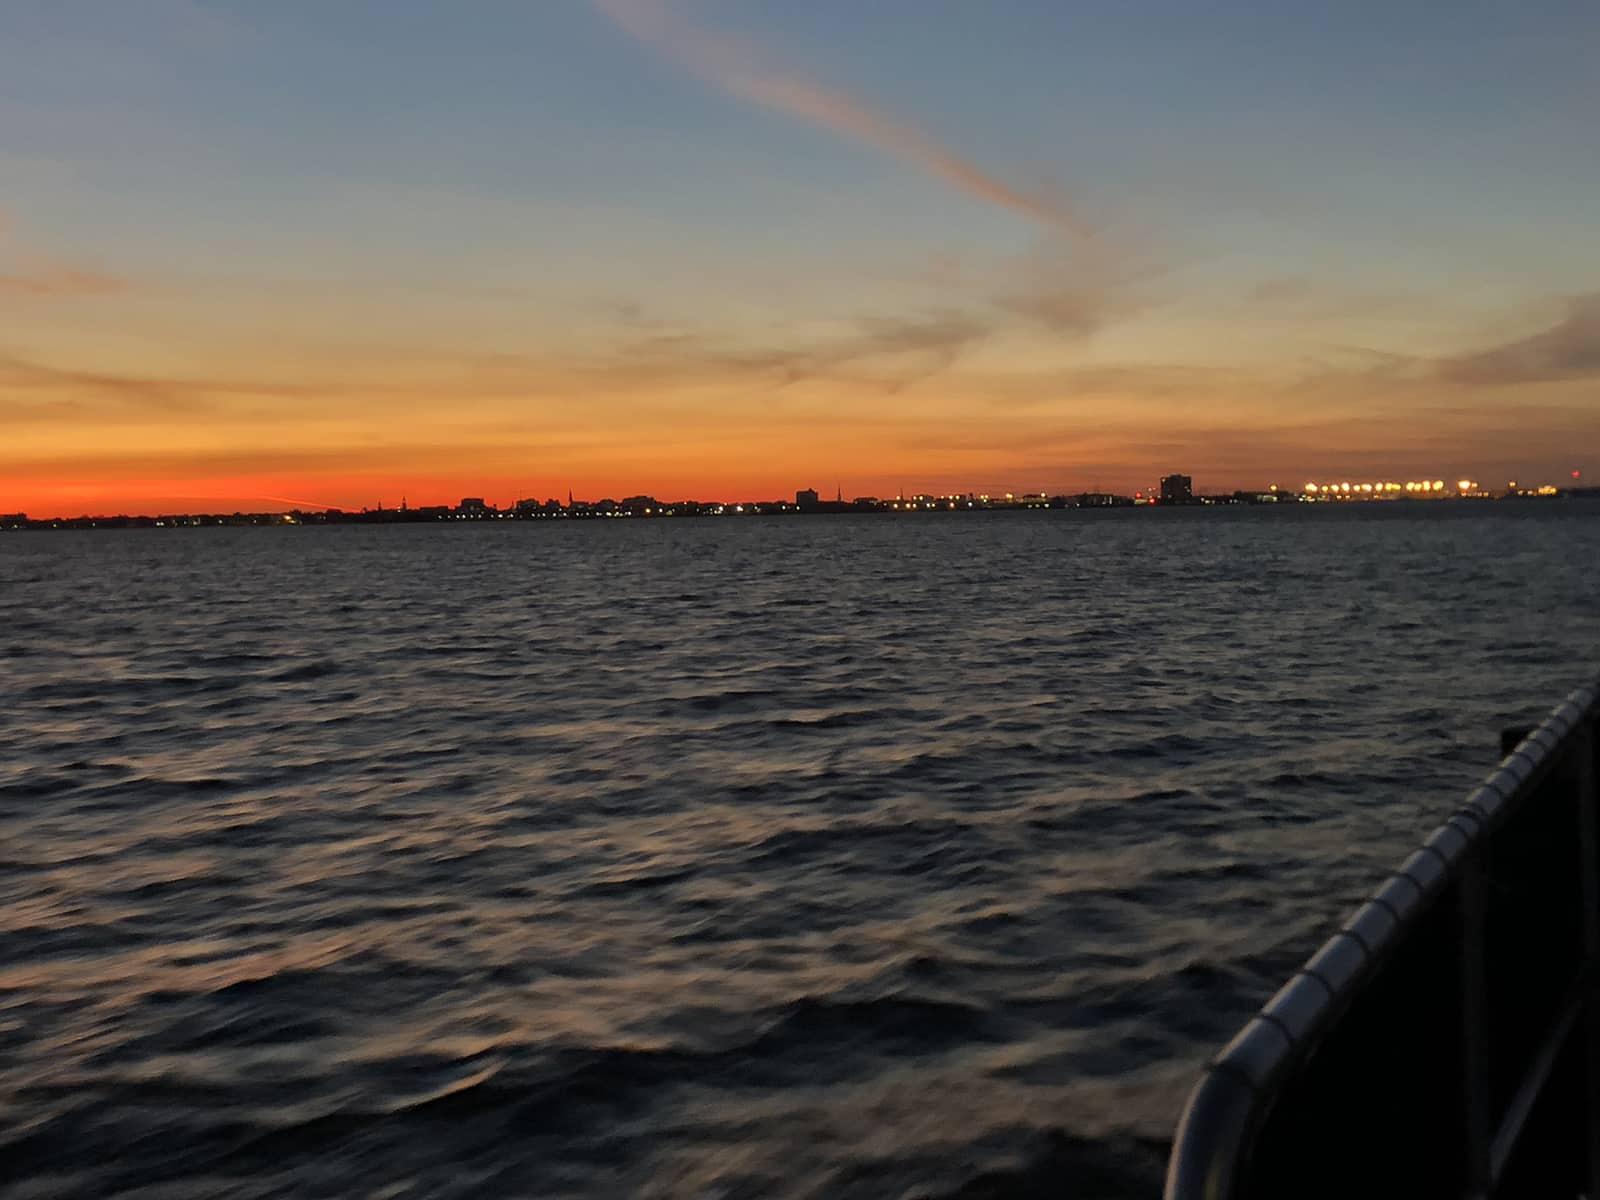 Blue to orange sunset over the city skyline. Sunset dolphin cruise Charleston, SC